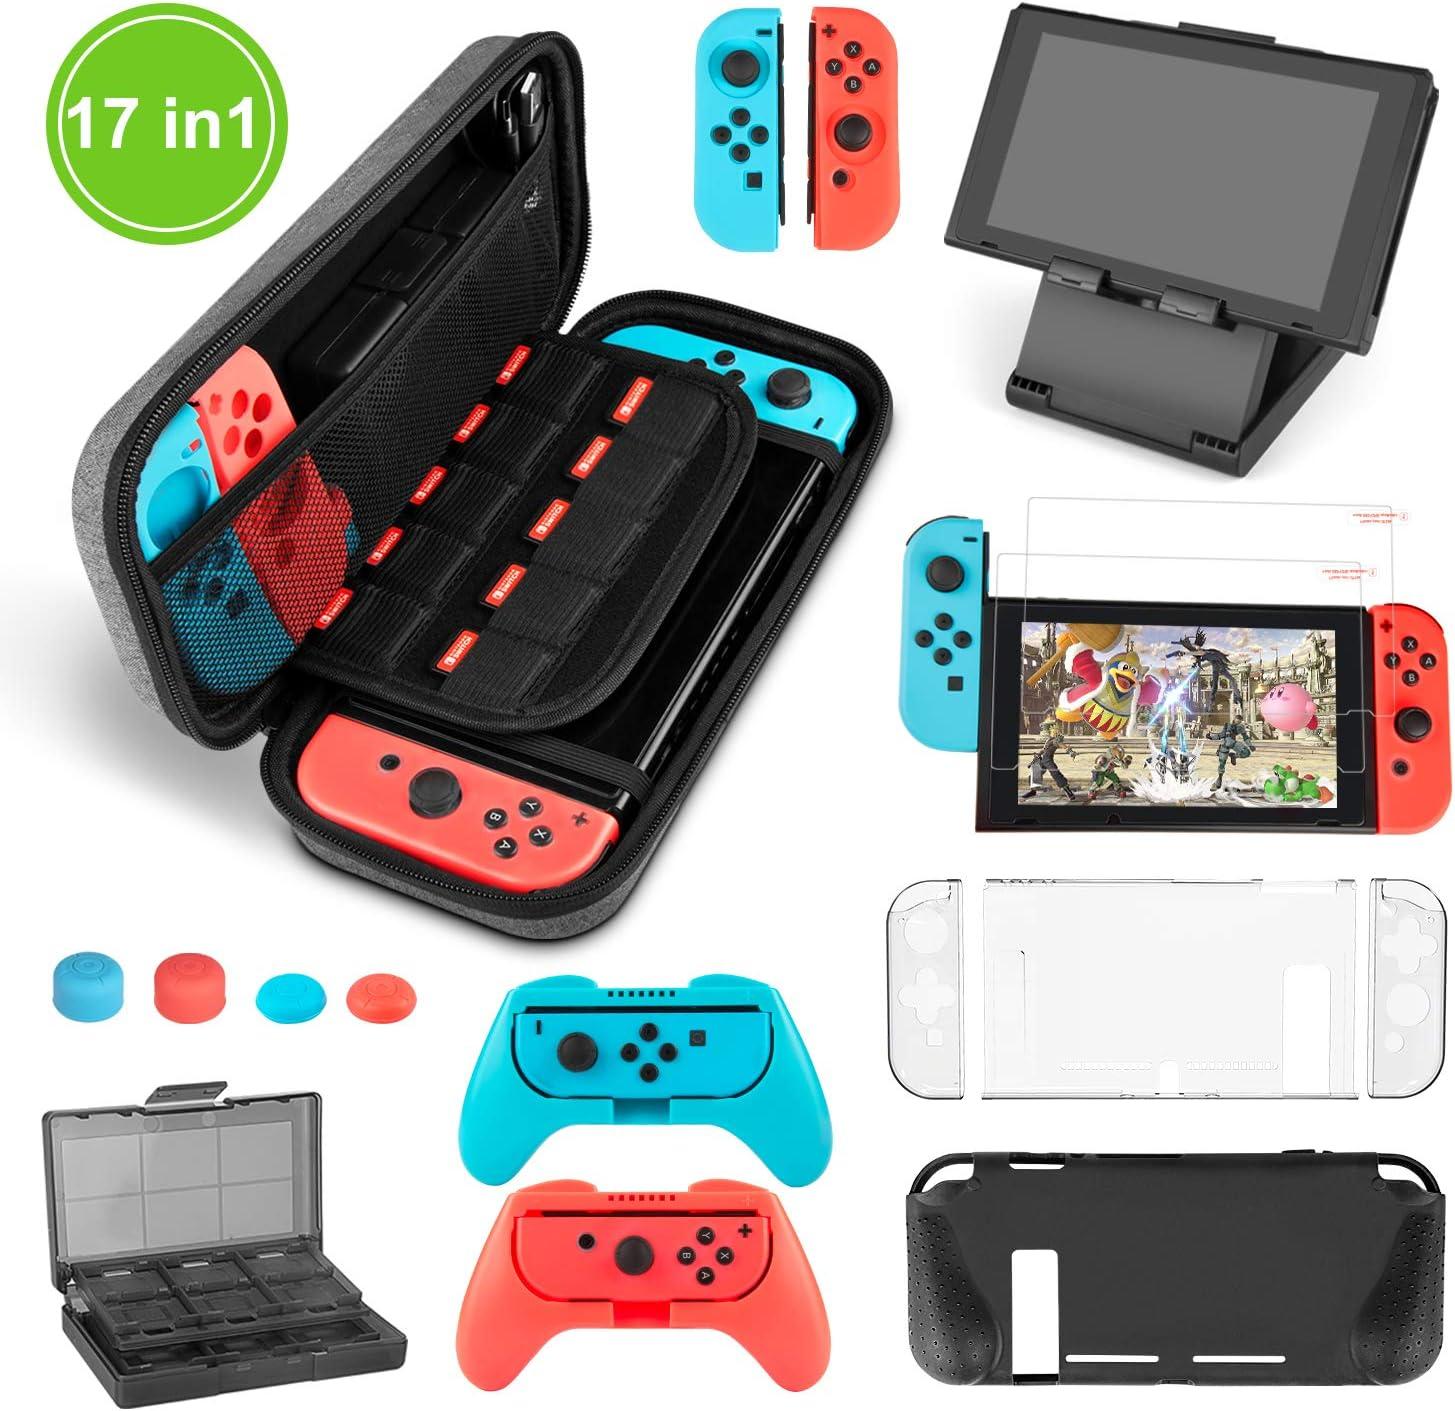 Younikoo Kit Accesorios para Nintendo Switch - Funda con patrón de Hormiga para/Funda Donde caben Tarjetas de Juego/Funda de Silicona/Funda de TPU para/Soporte/Protector de Pantalla HD(17 in 1)